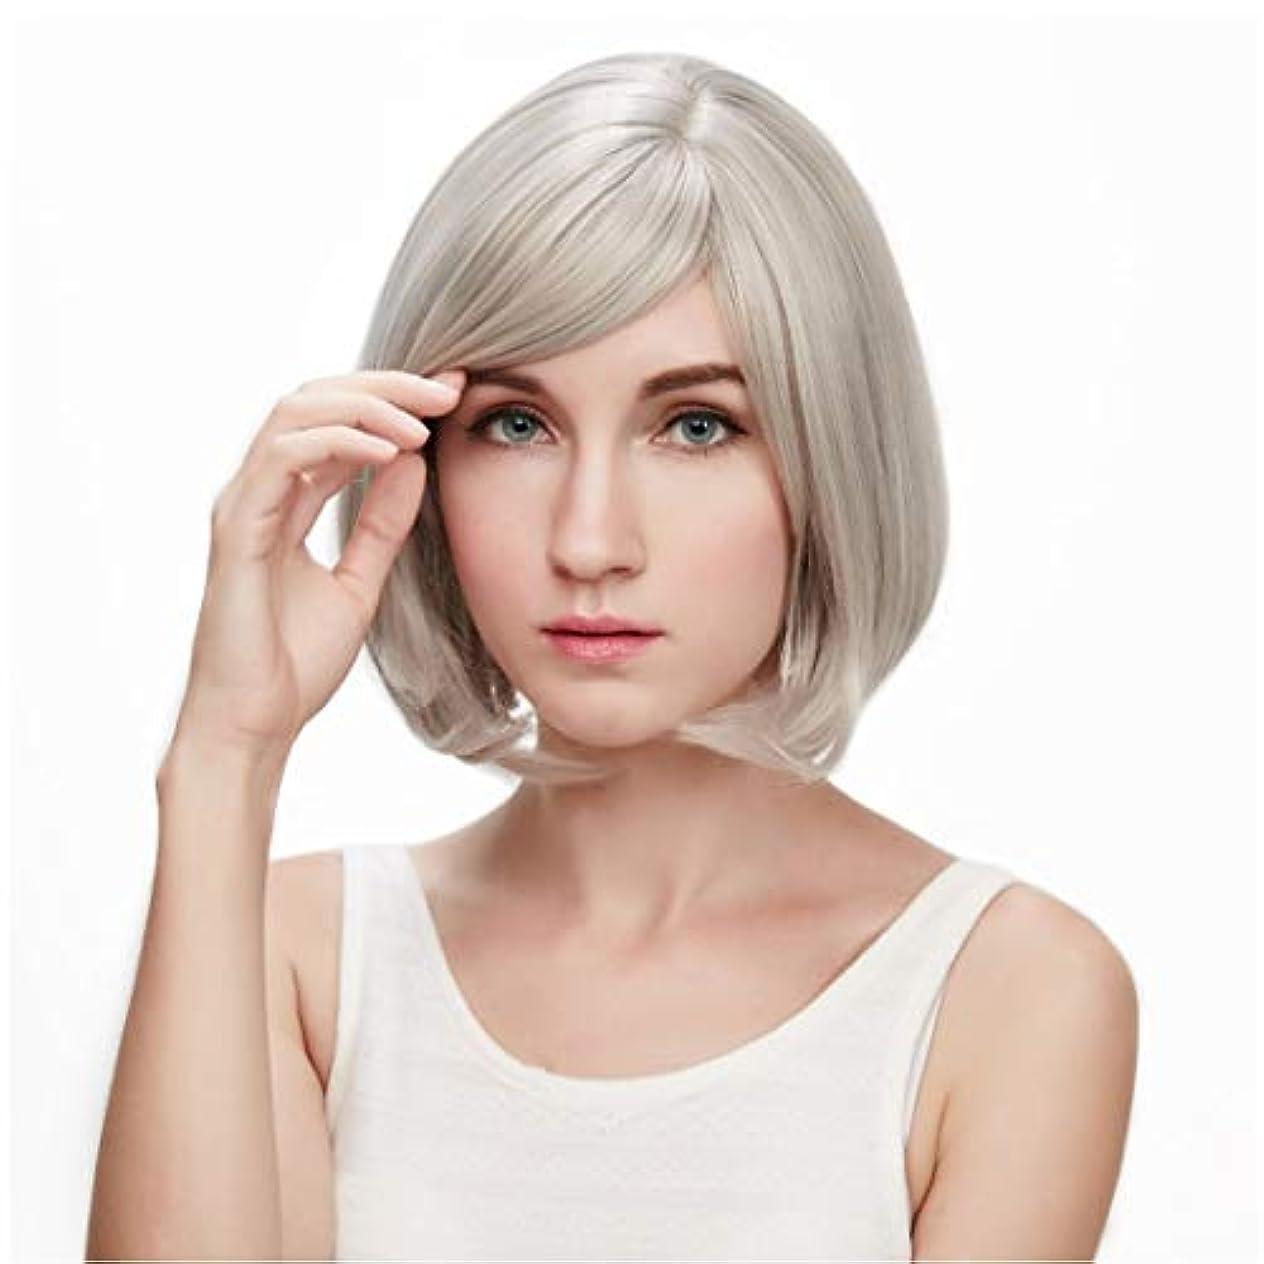 病なスナックエールSummerys 本物の髪として自然な女性のための平らな前髪の合成かつらとストレートショートボブの髪かつら